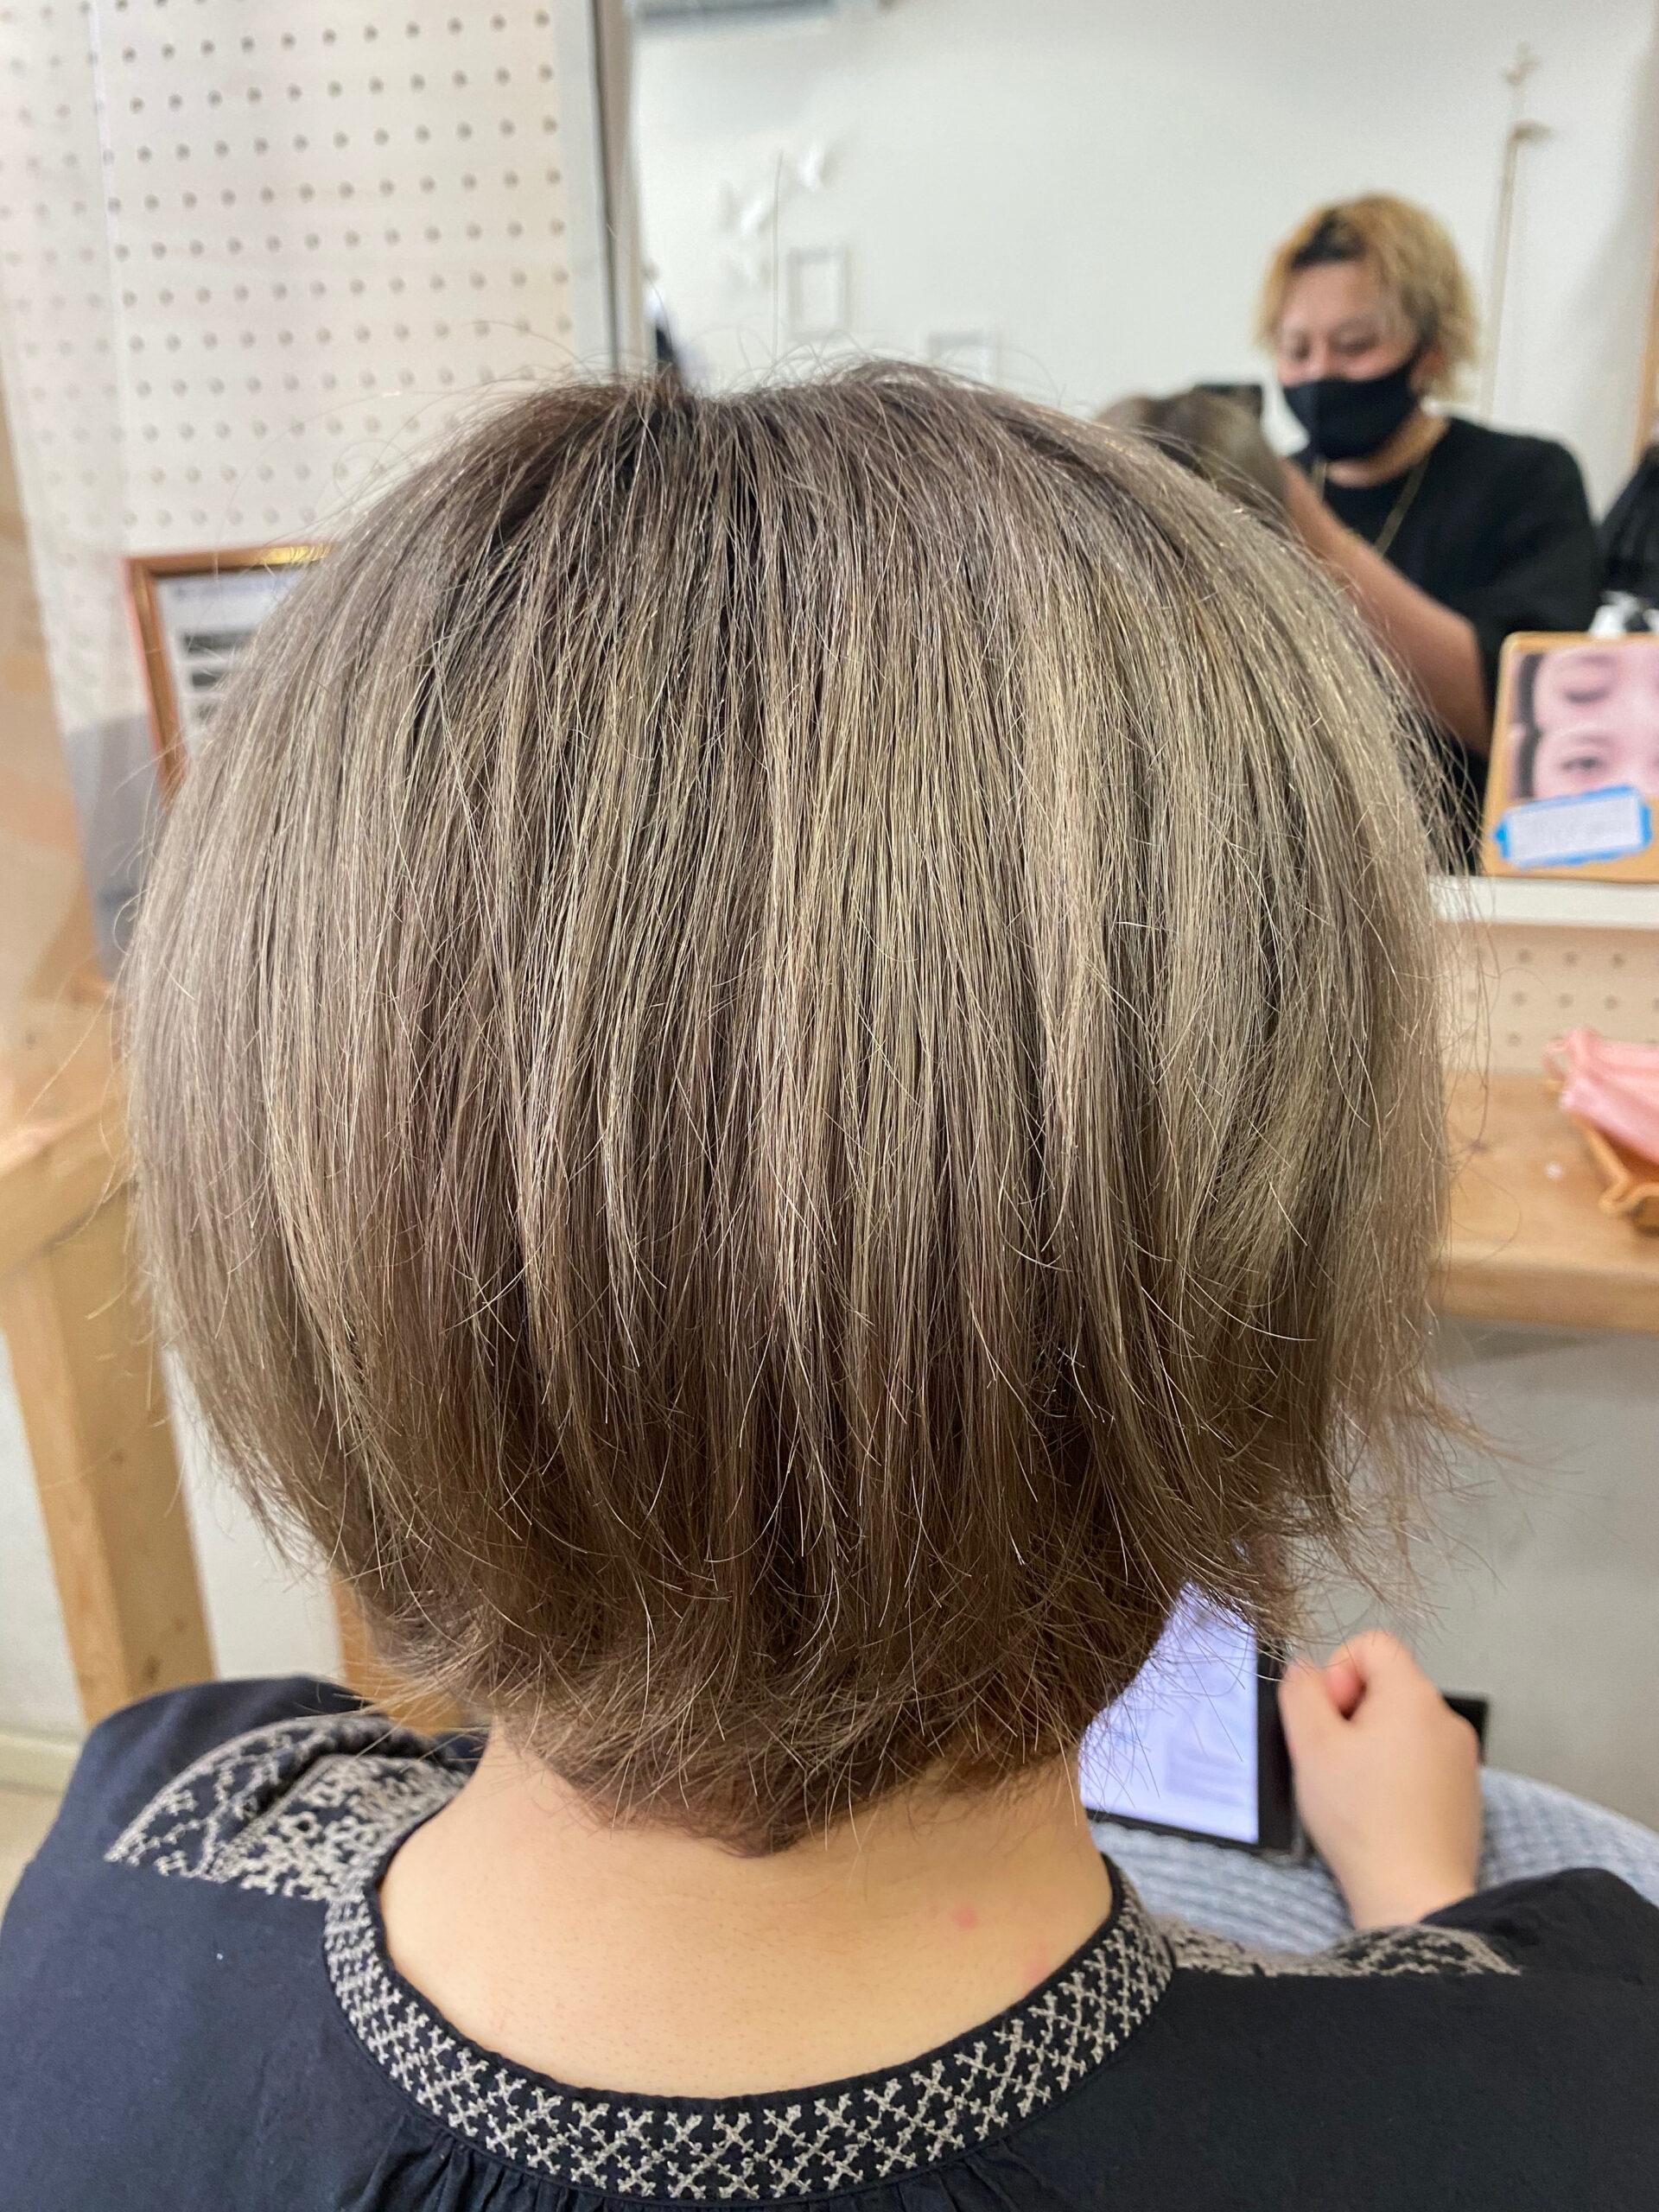 ジュエリーシステム×LULUトリートメント×縮毛矯正でパサつきが気になる方を艶髪ショートボブ